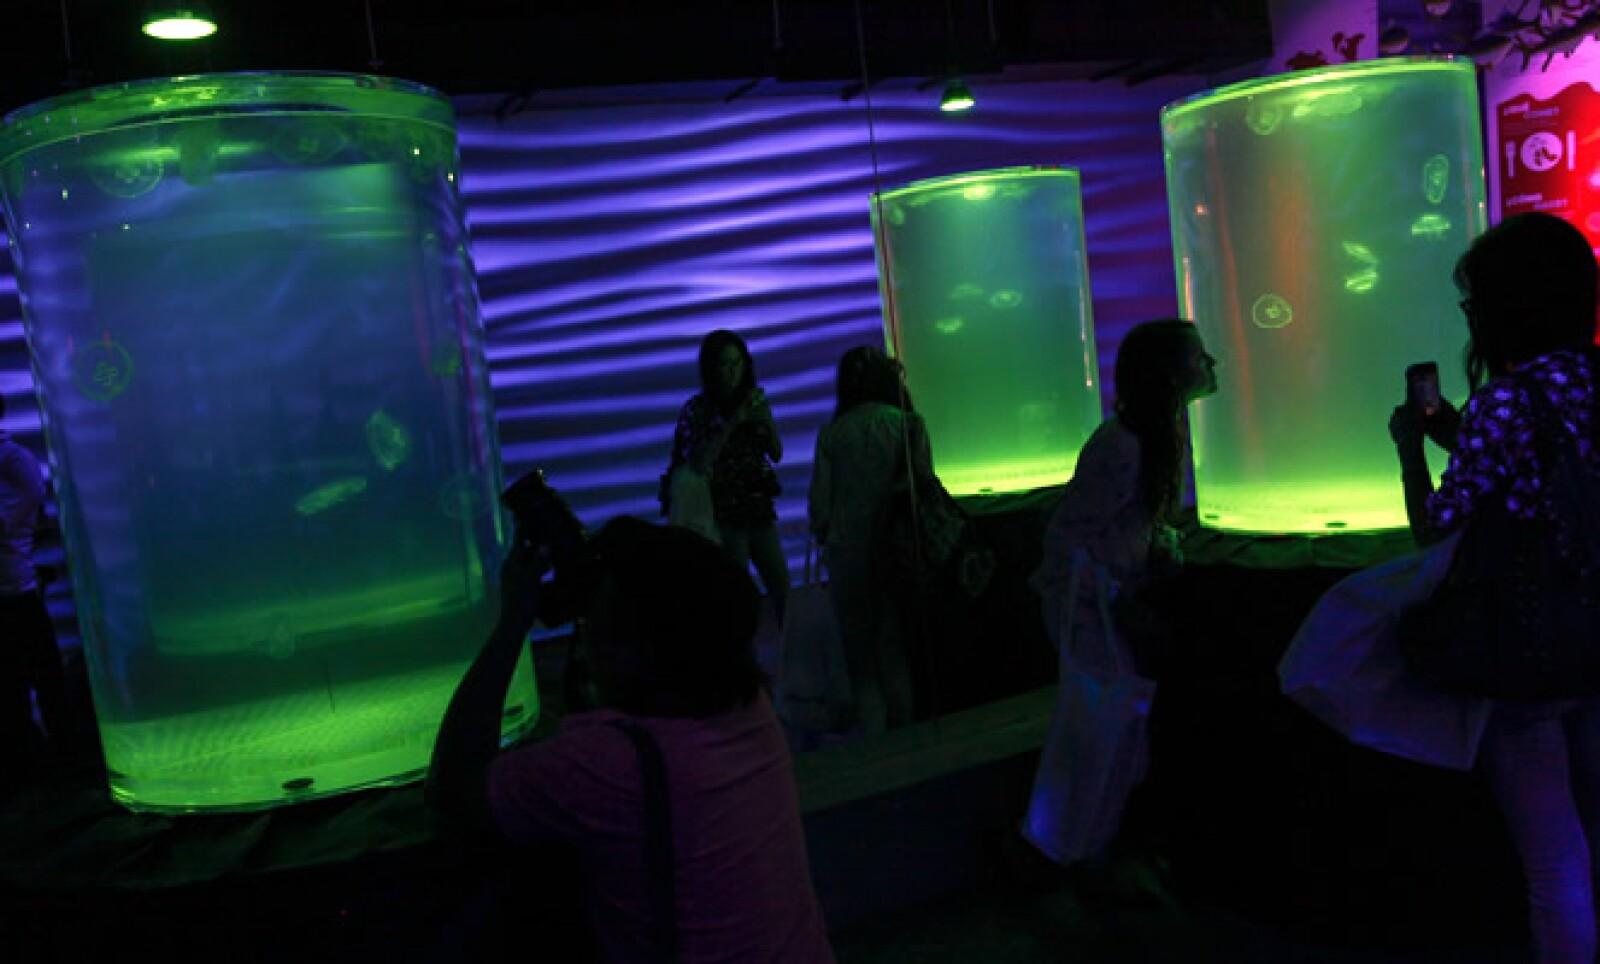 Bajo el concepto 'edutainment' -educación más entretenimiento-, el lugar ofrecerá tocar y alimentar diferentes especies como estrellas de mar y rayas.